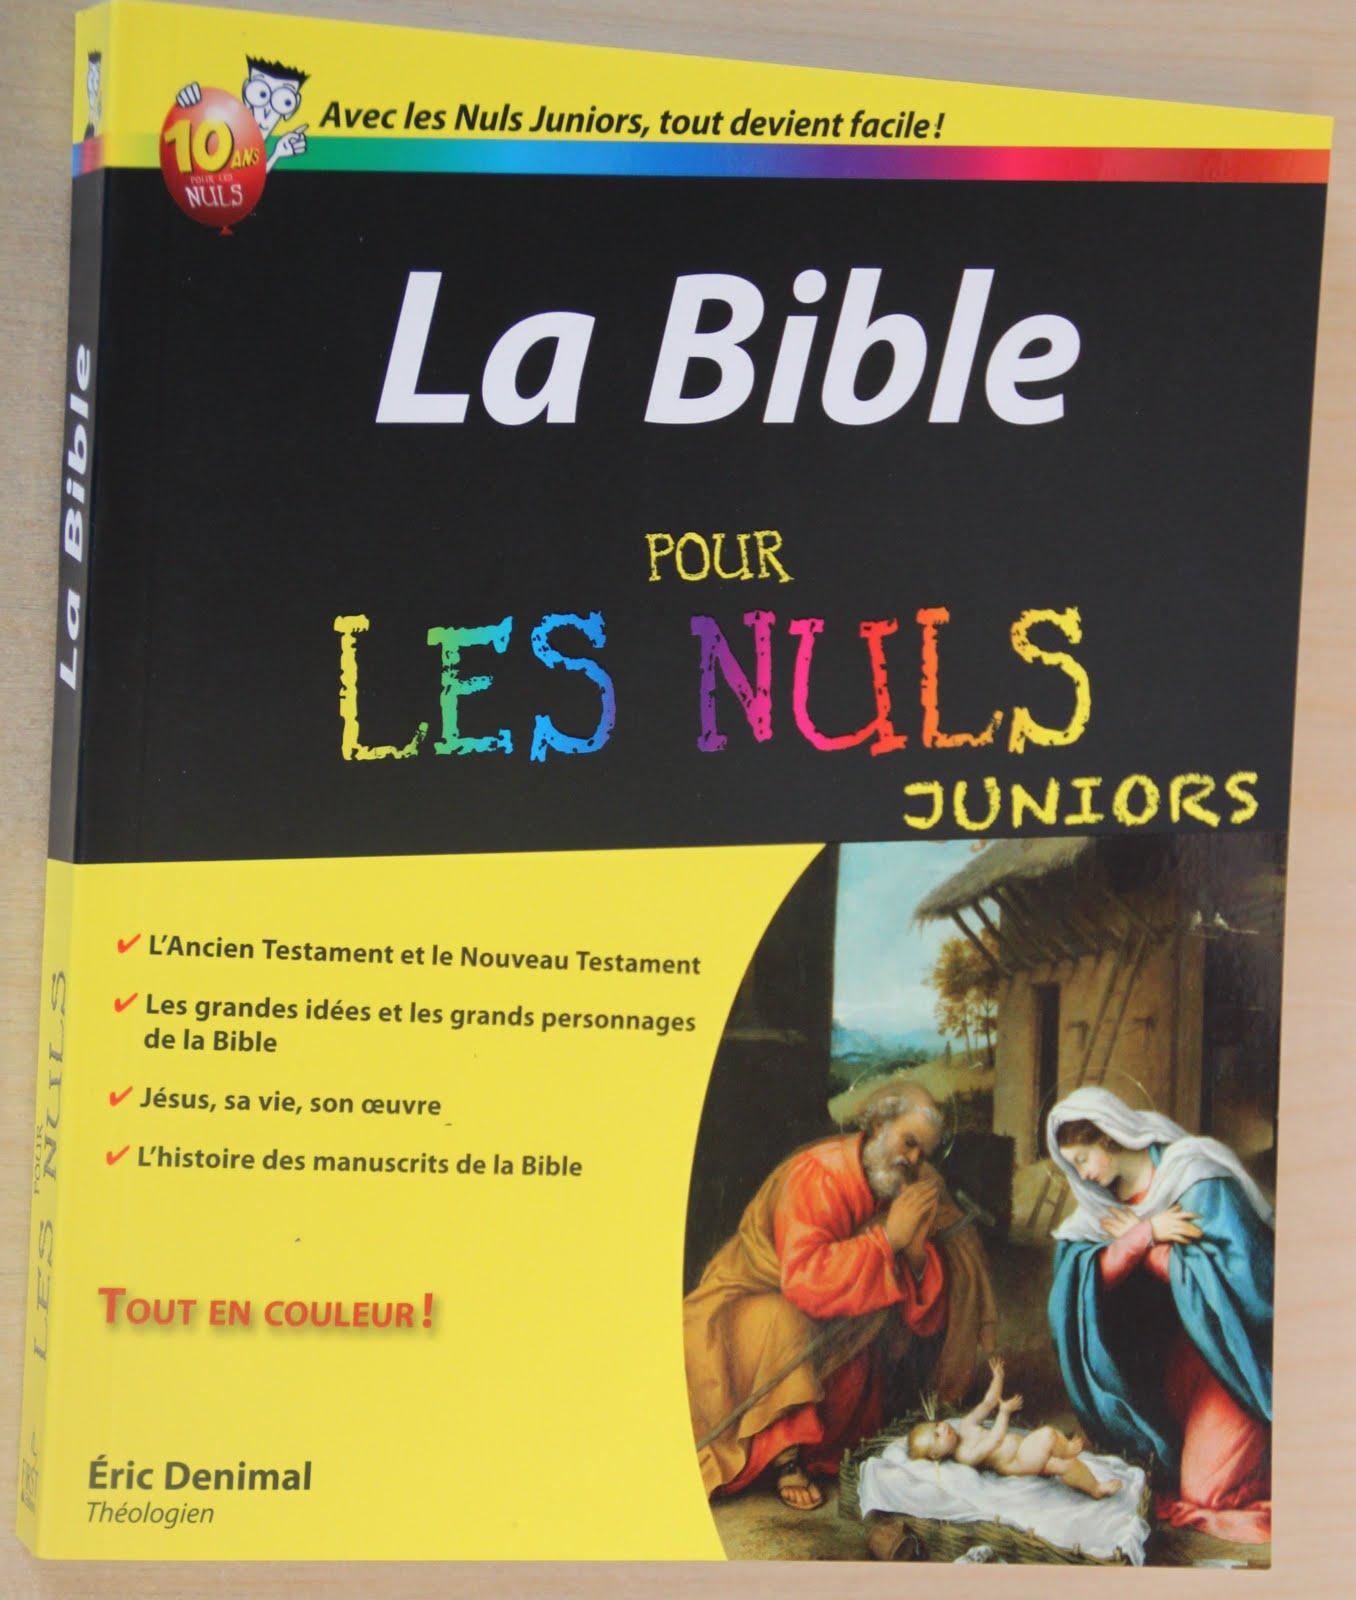 La bible pour les nuls juniors eric denimal le cdd librairie dioc saine - La bible pour les nuls ...